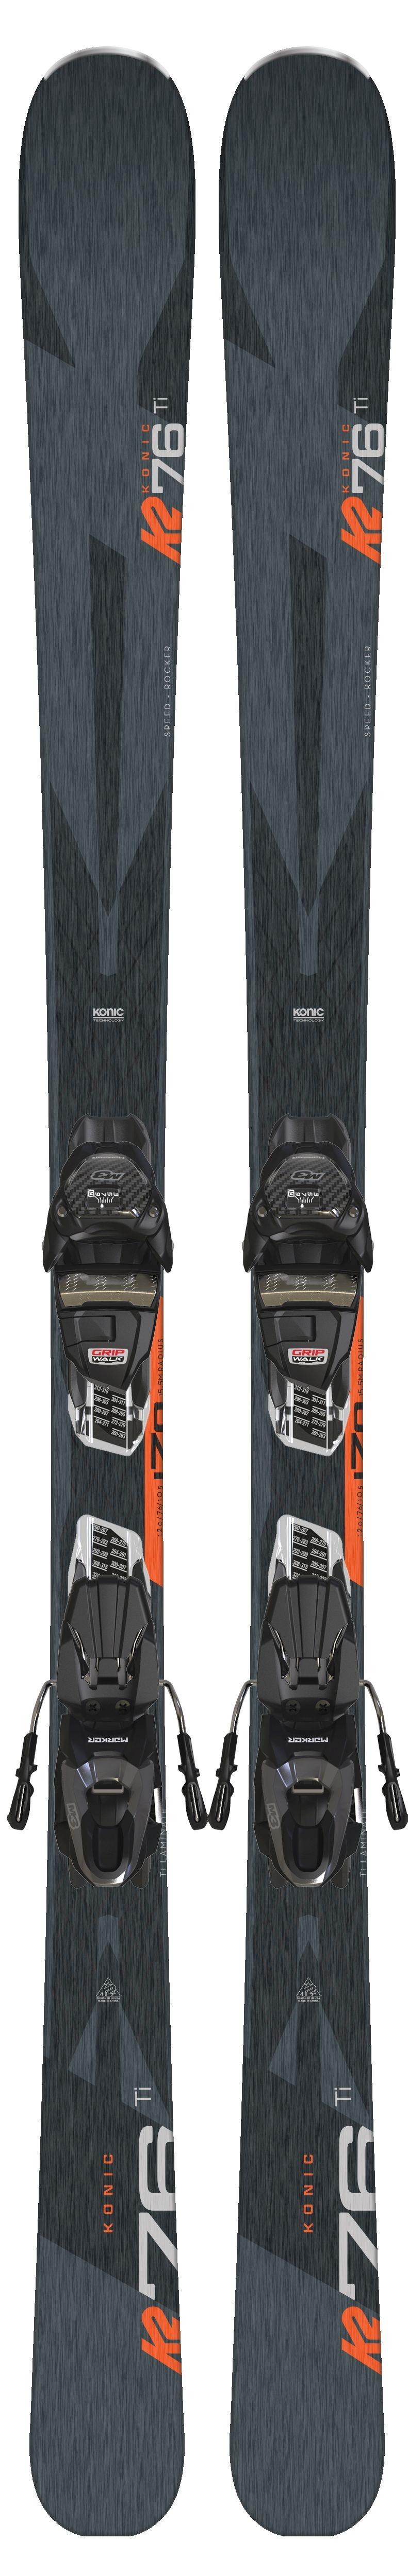 Narty K2 Konic 76 Ti + M3 10 Compact QuikClik